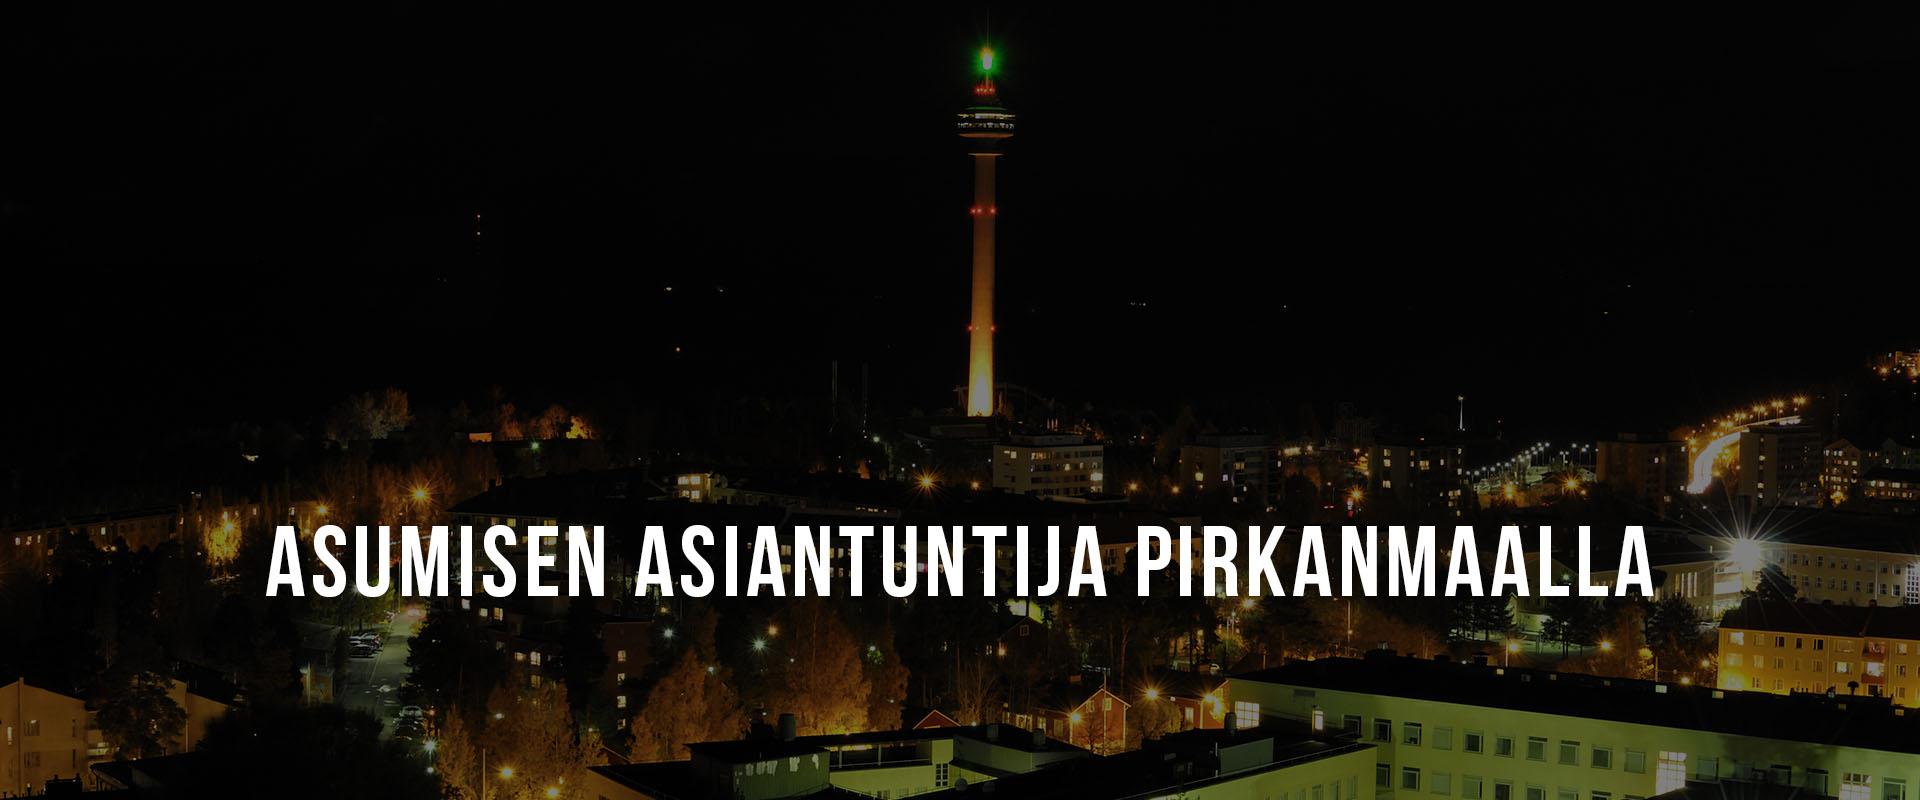 Asuntojen välityksen asiantuntija Pirkanmaalla |RE/MAX Center